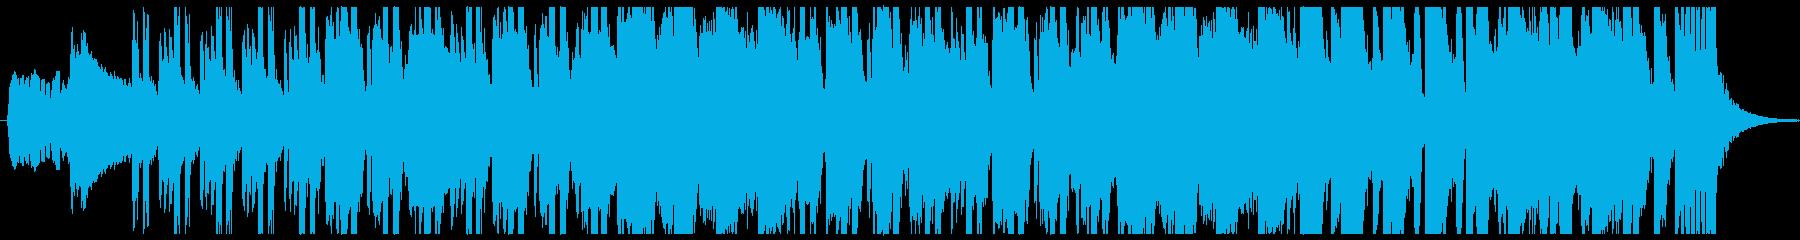 妖しげなムードのインスト小曲。の再生済みの波形